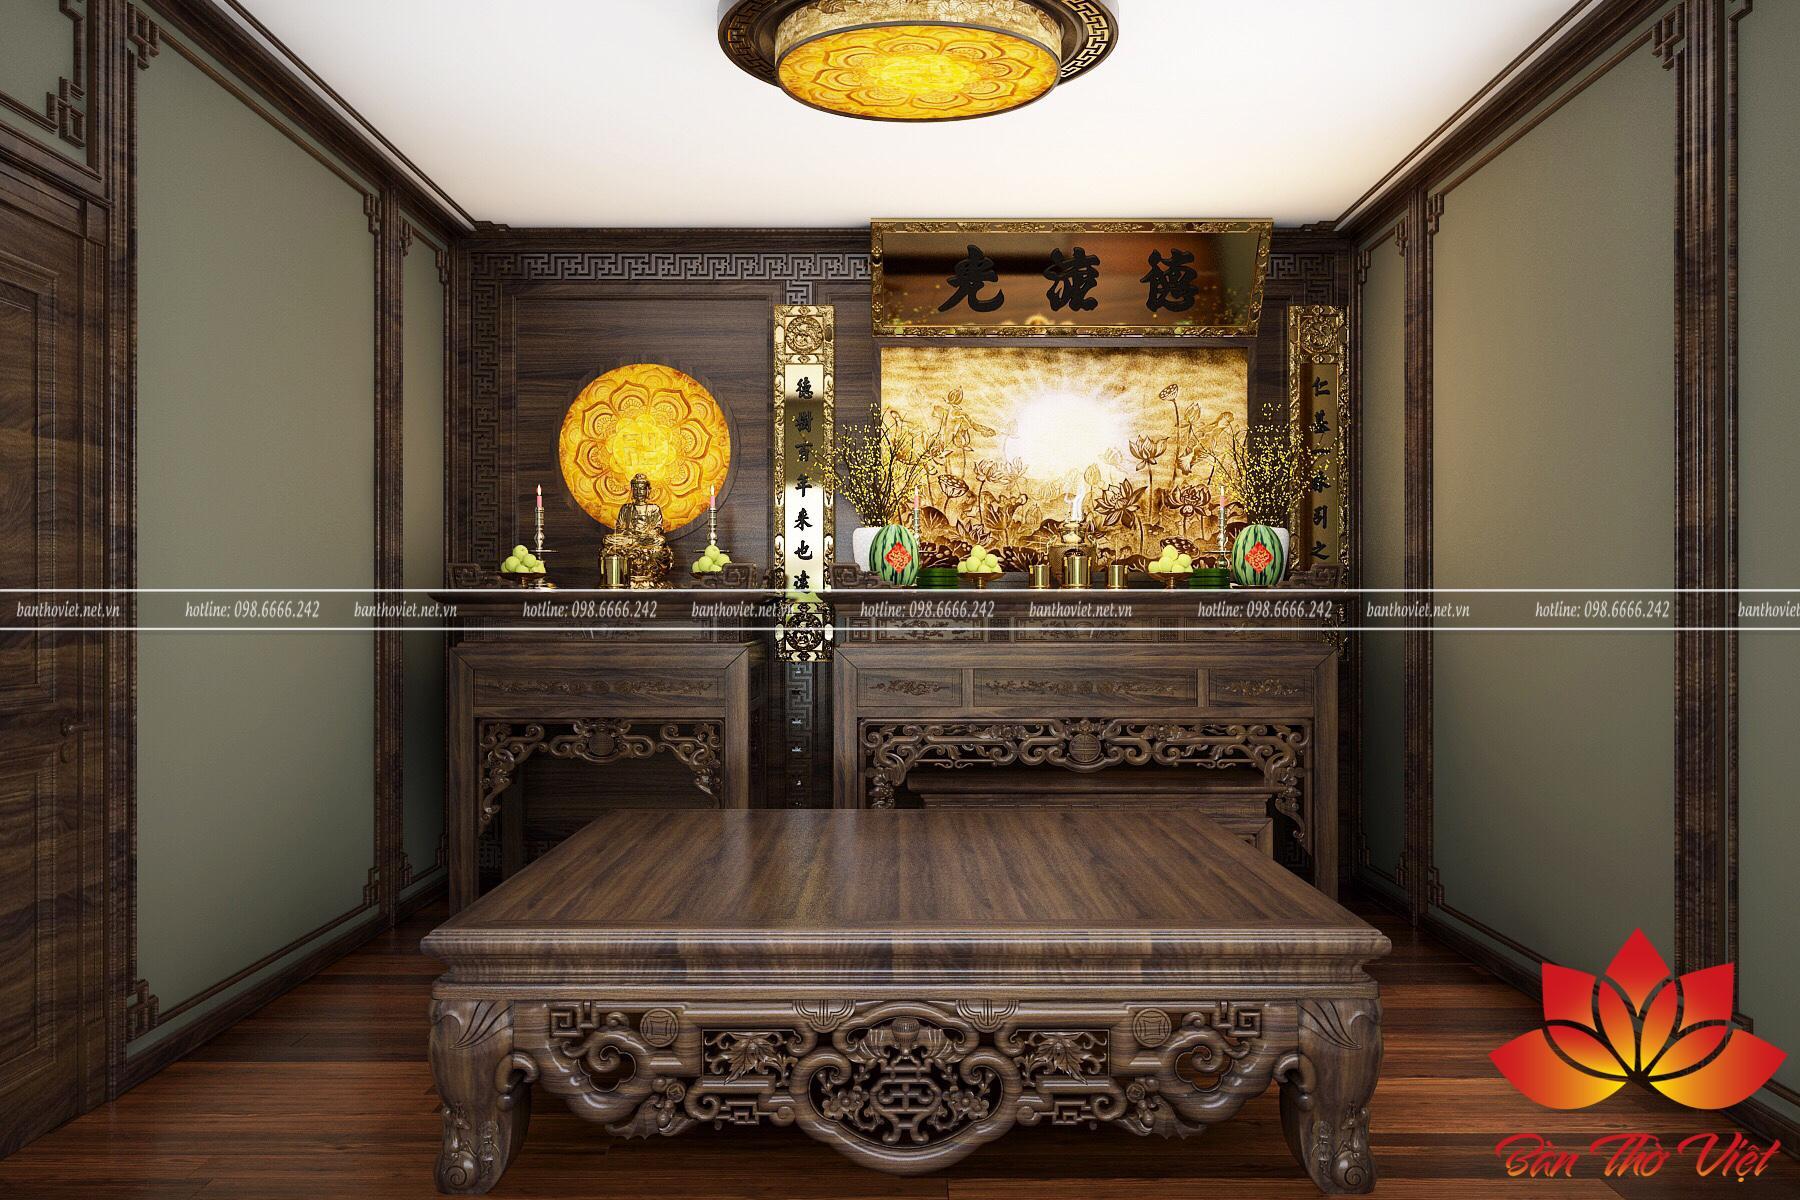 Bàn thờ Việt chuyên cung cấp các sản phẩm và dịch vụ phòng thờ ở Long Biên với nhiều ưu đãi lớn dành cho khách hàng